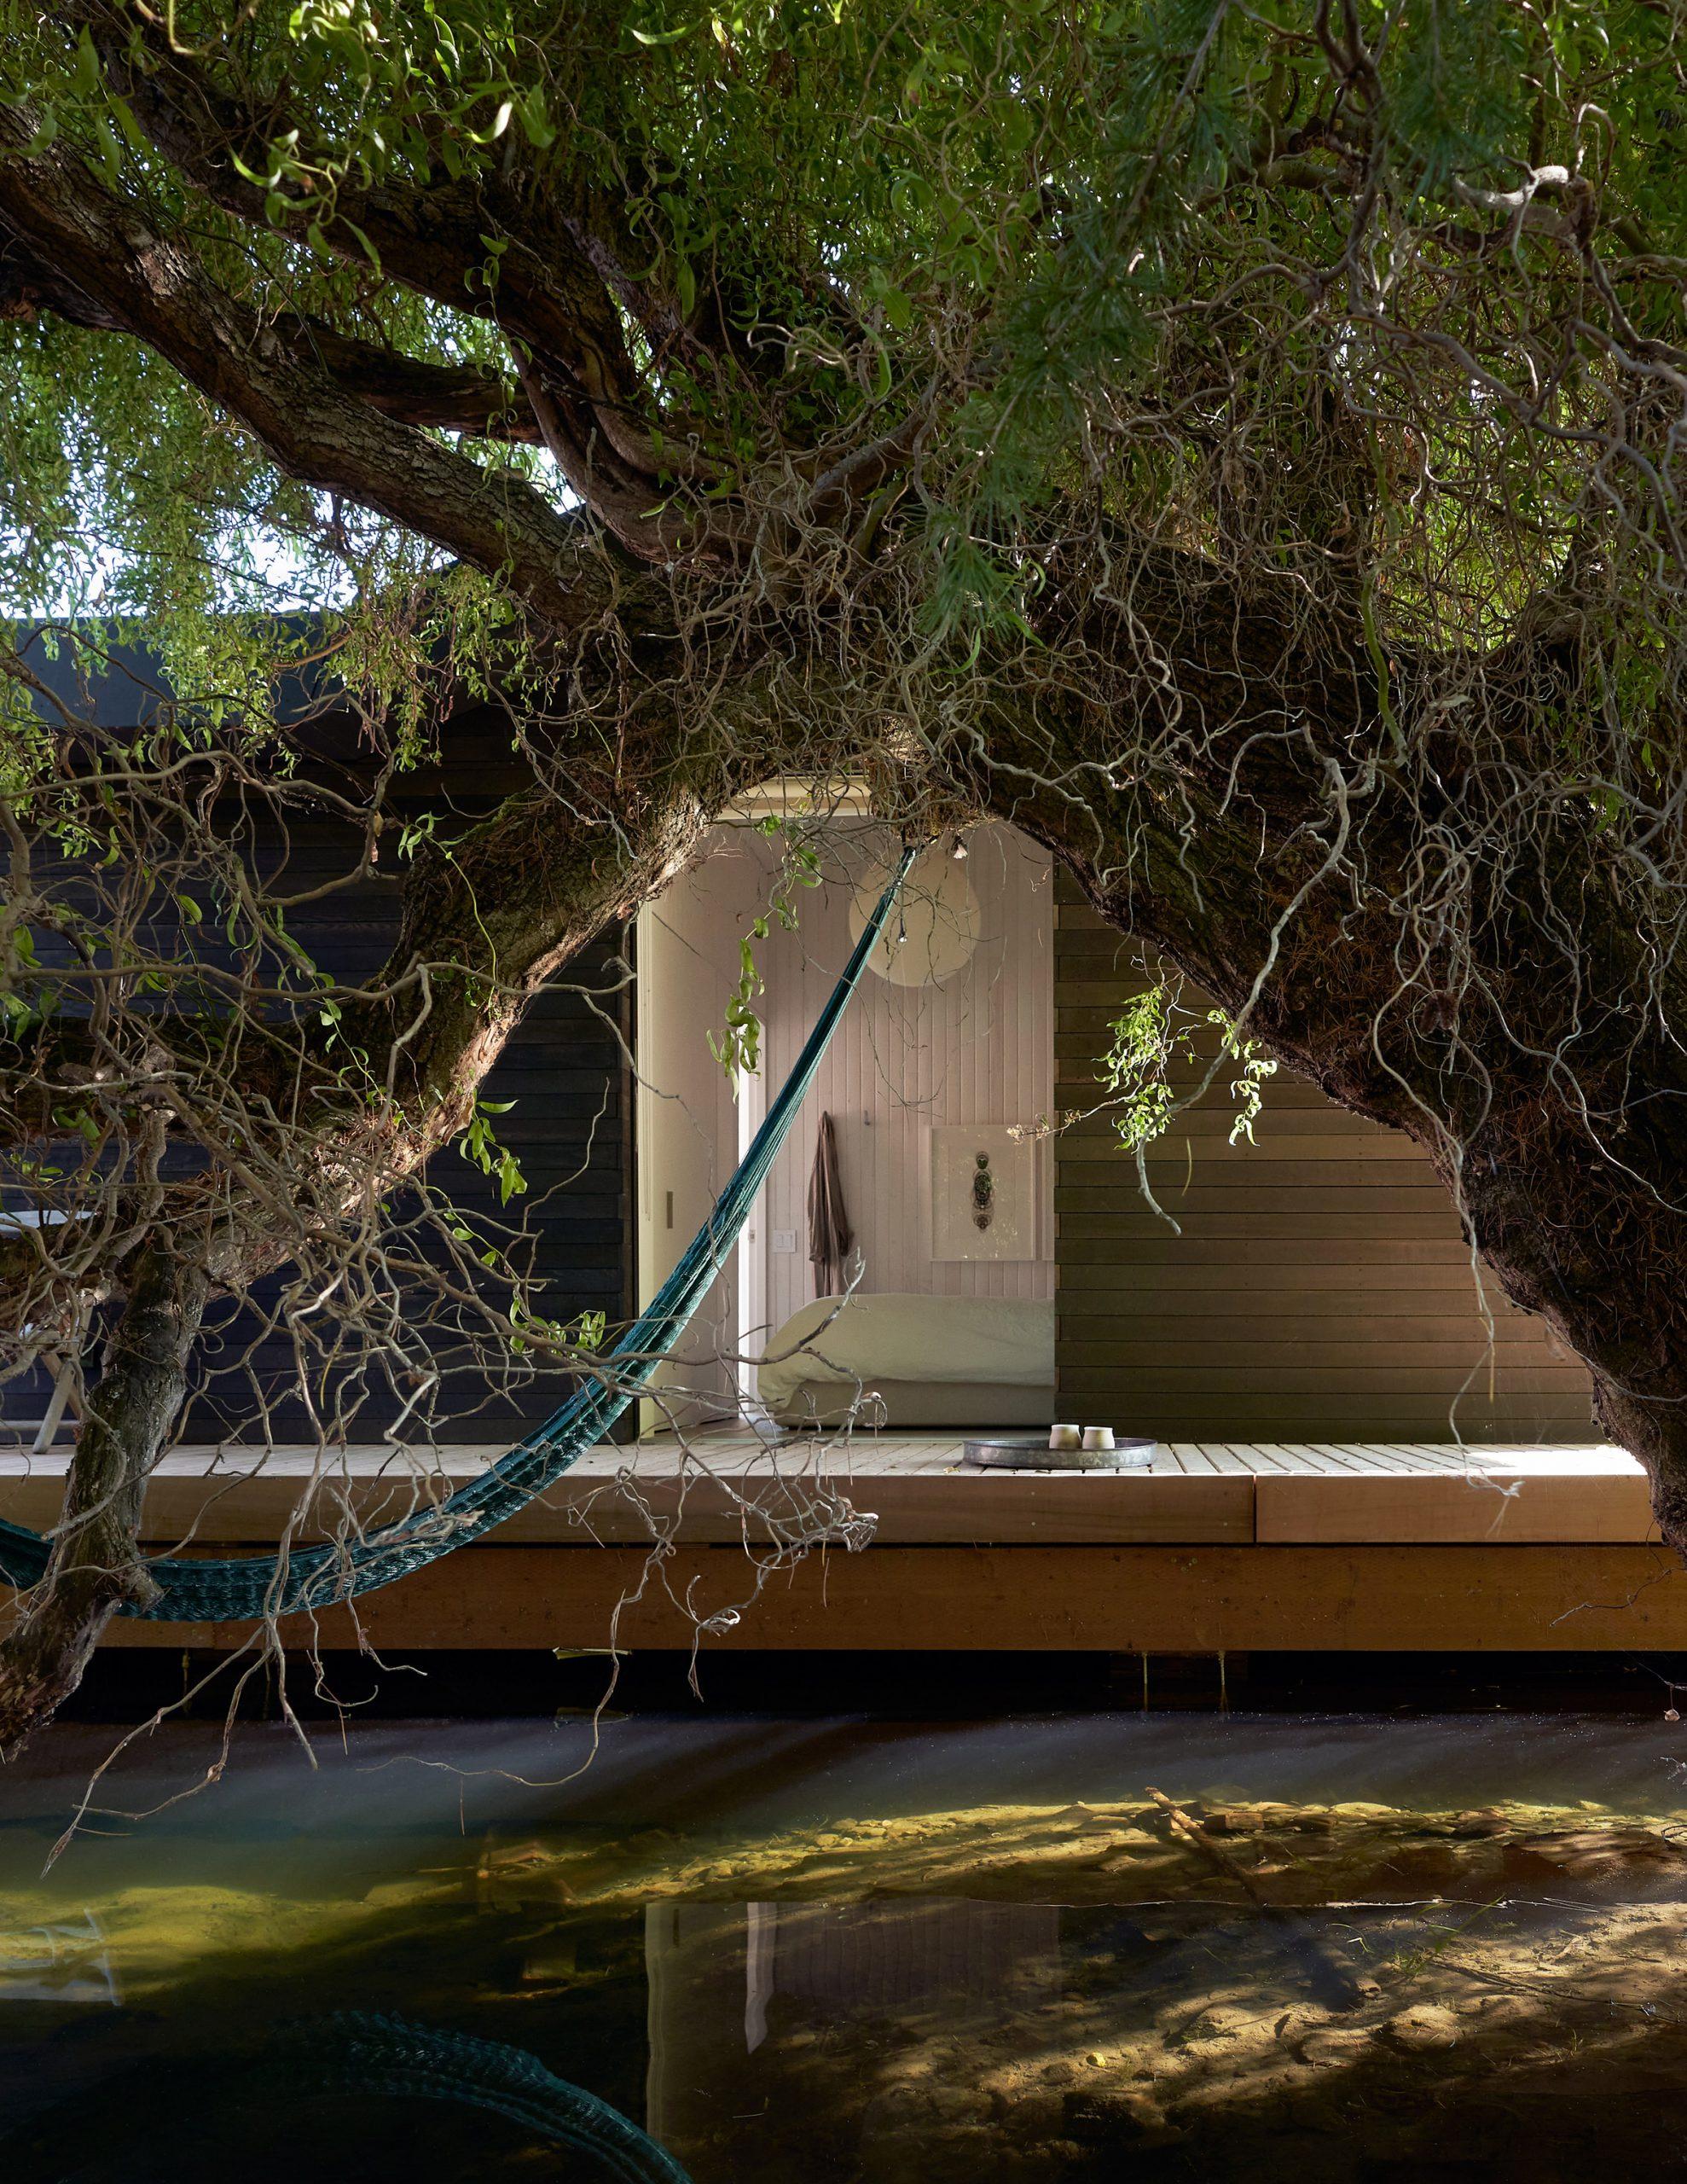 Circondata da acqua e alberi